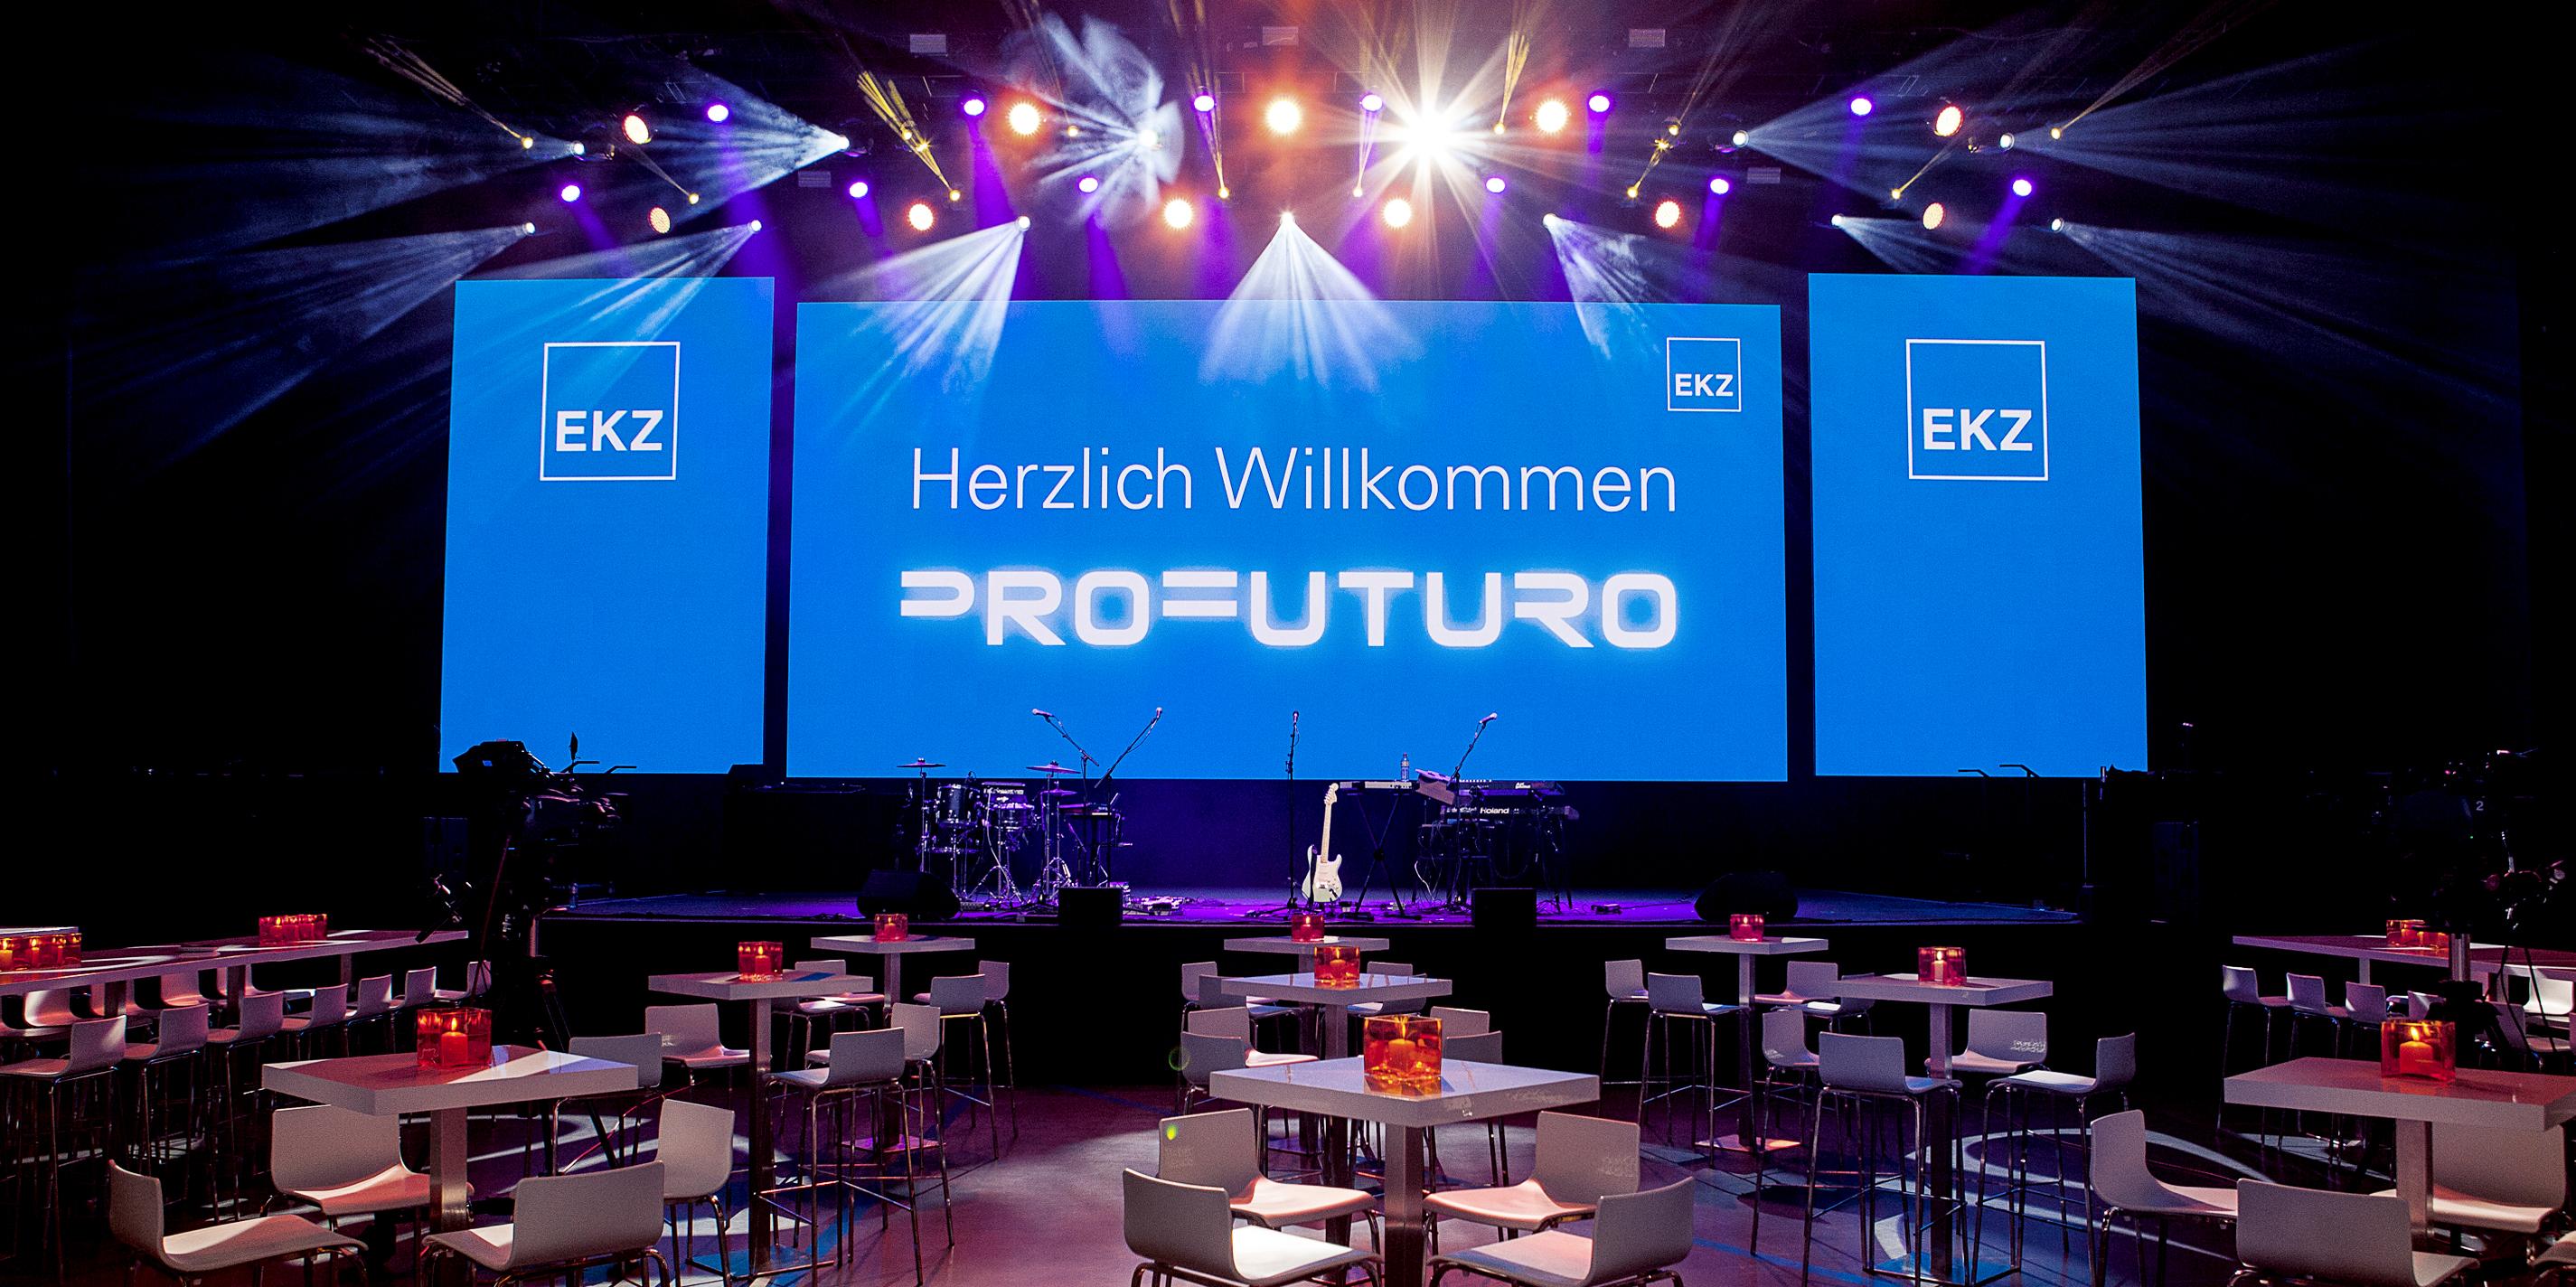 EKZ Mitarbeiterfest Corporate Event Bühne